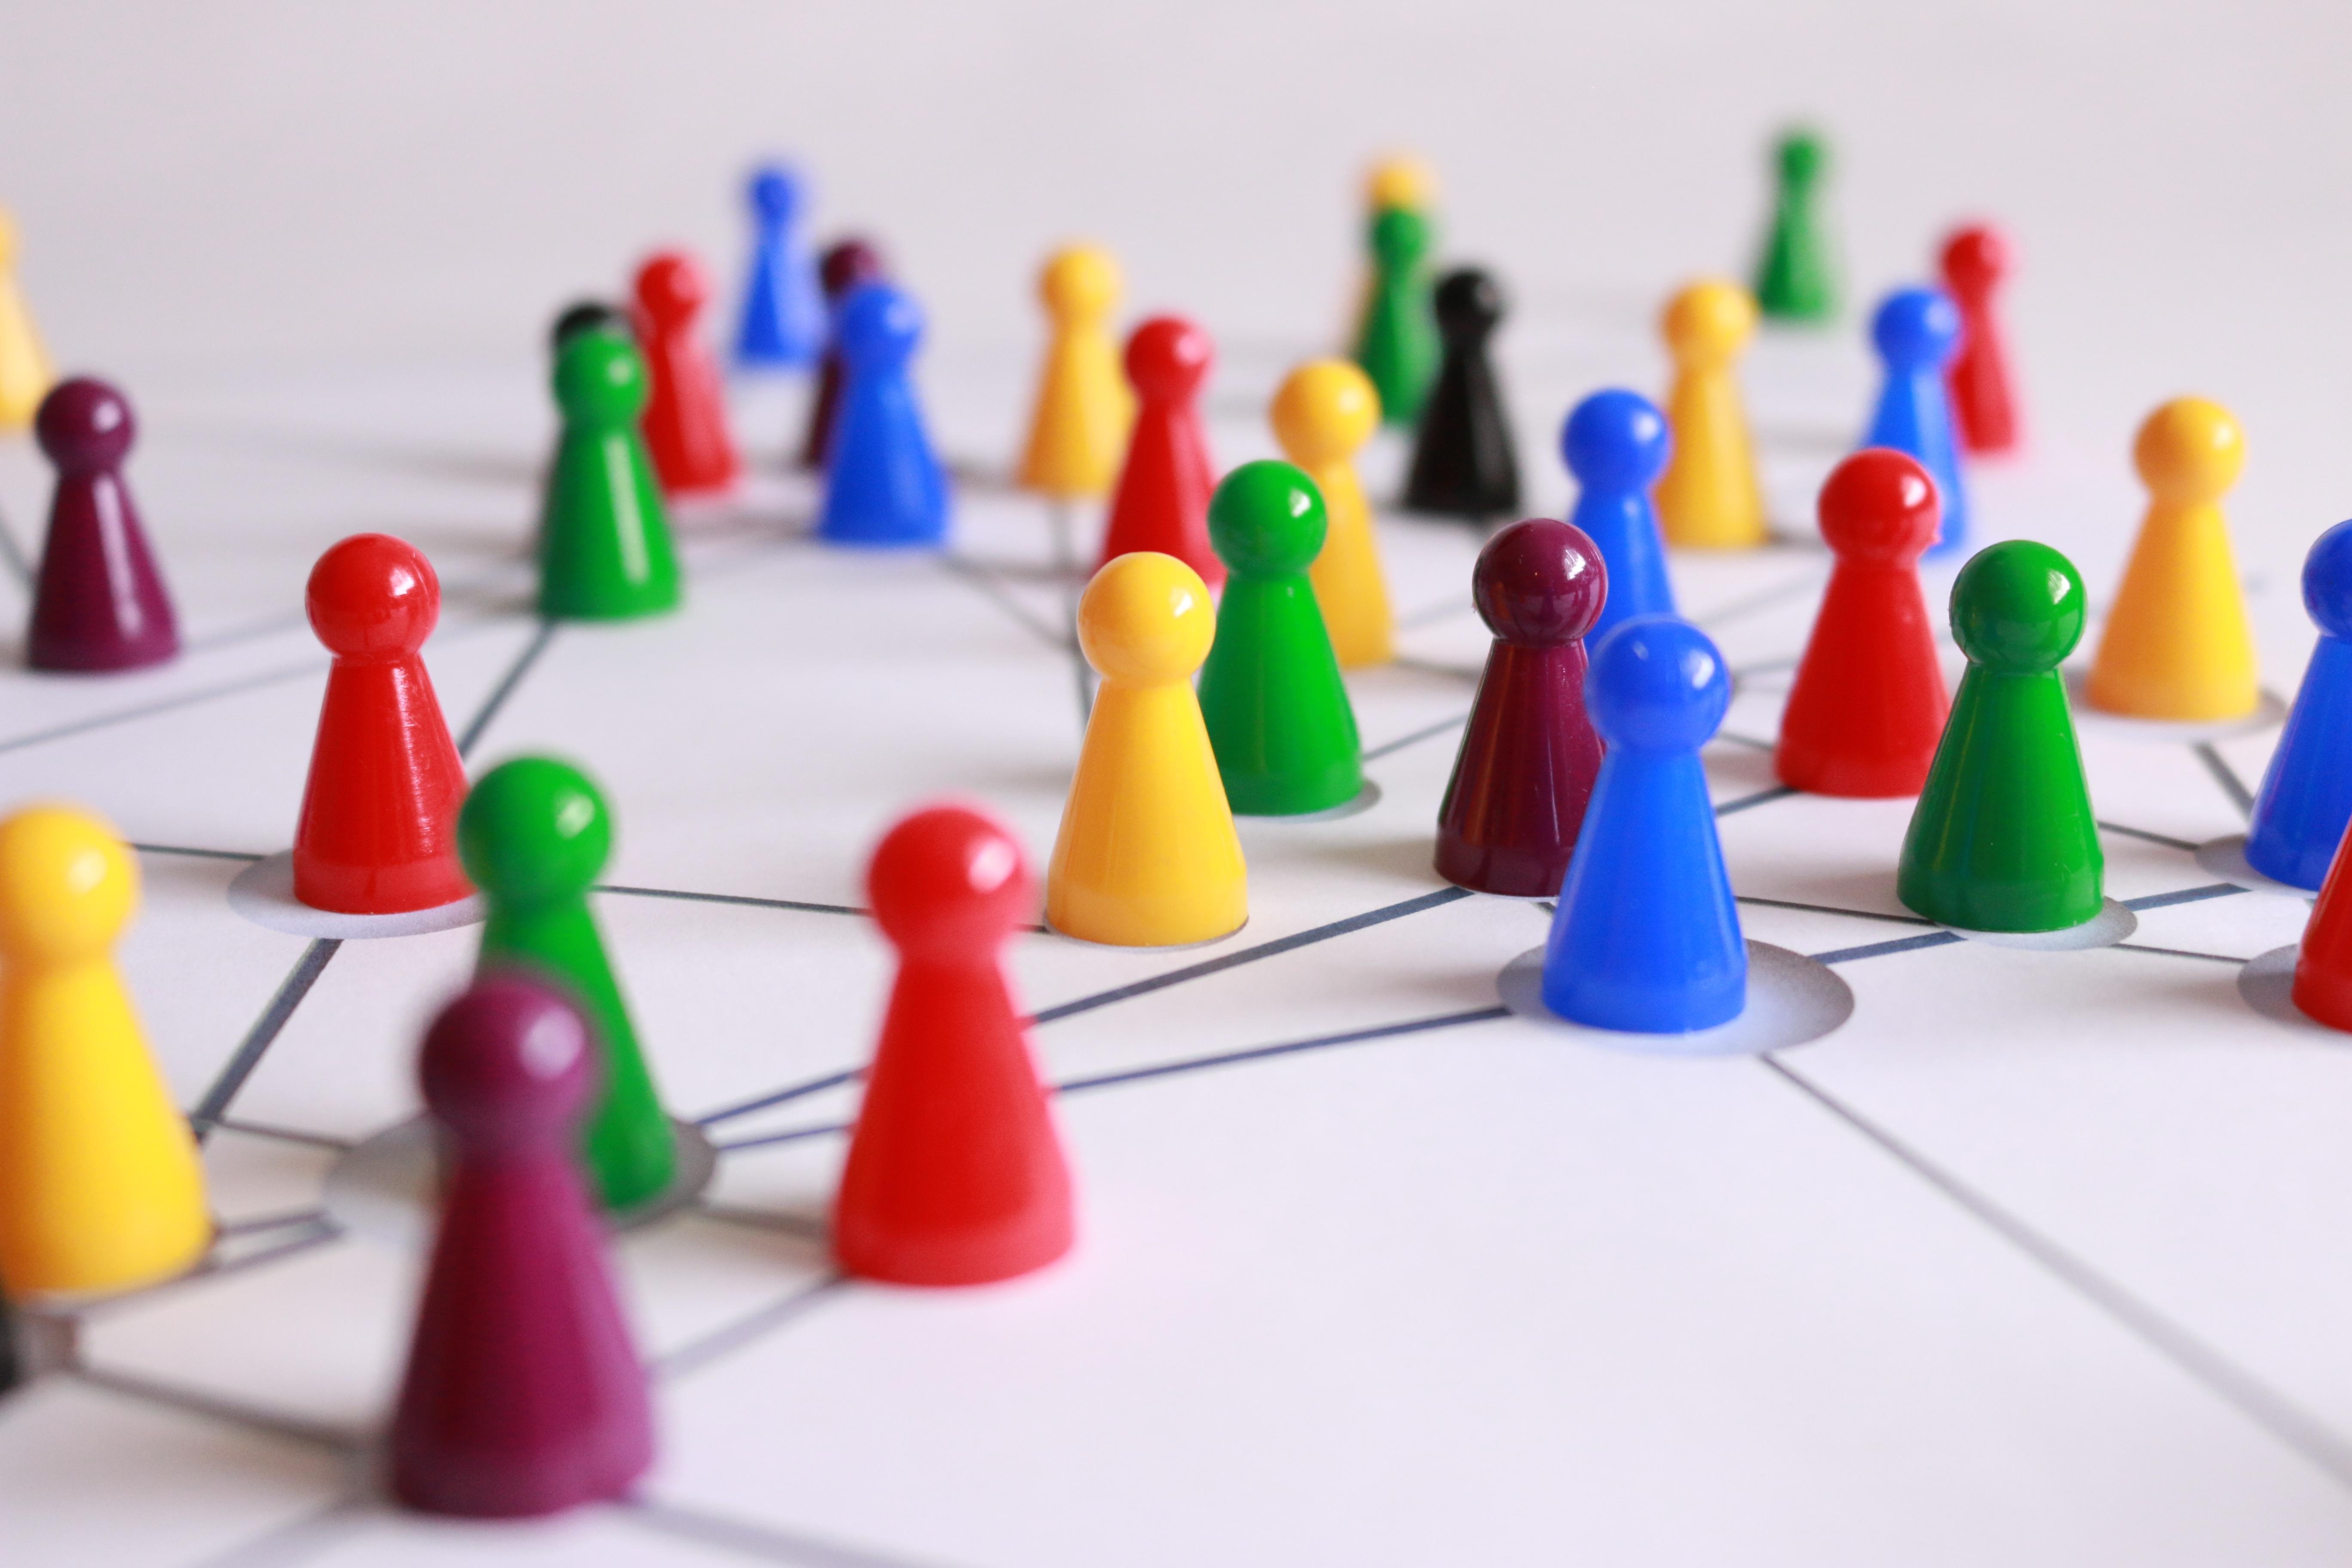 Workshop für Nachwuchsforschende in der Verbraucherforschung